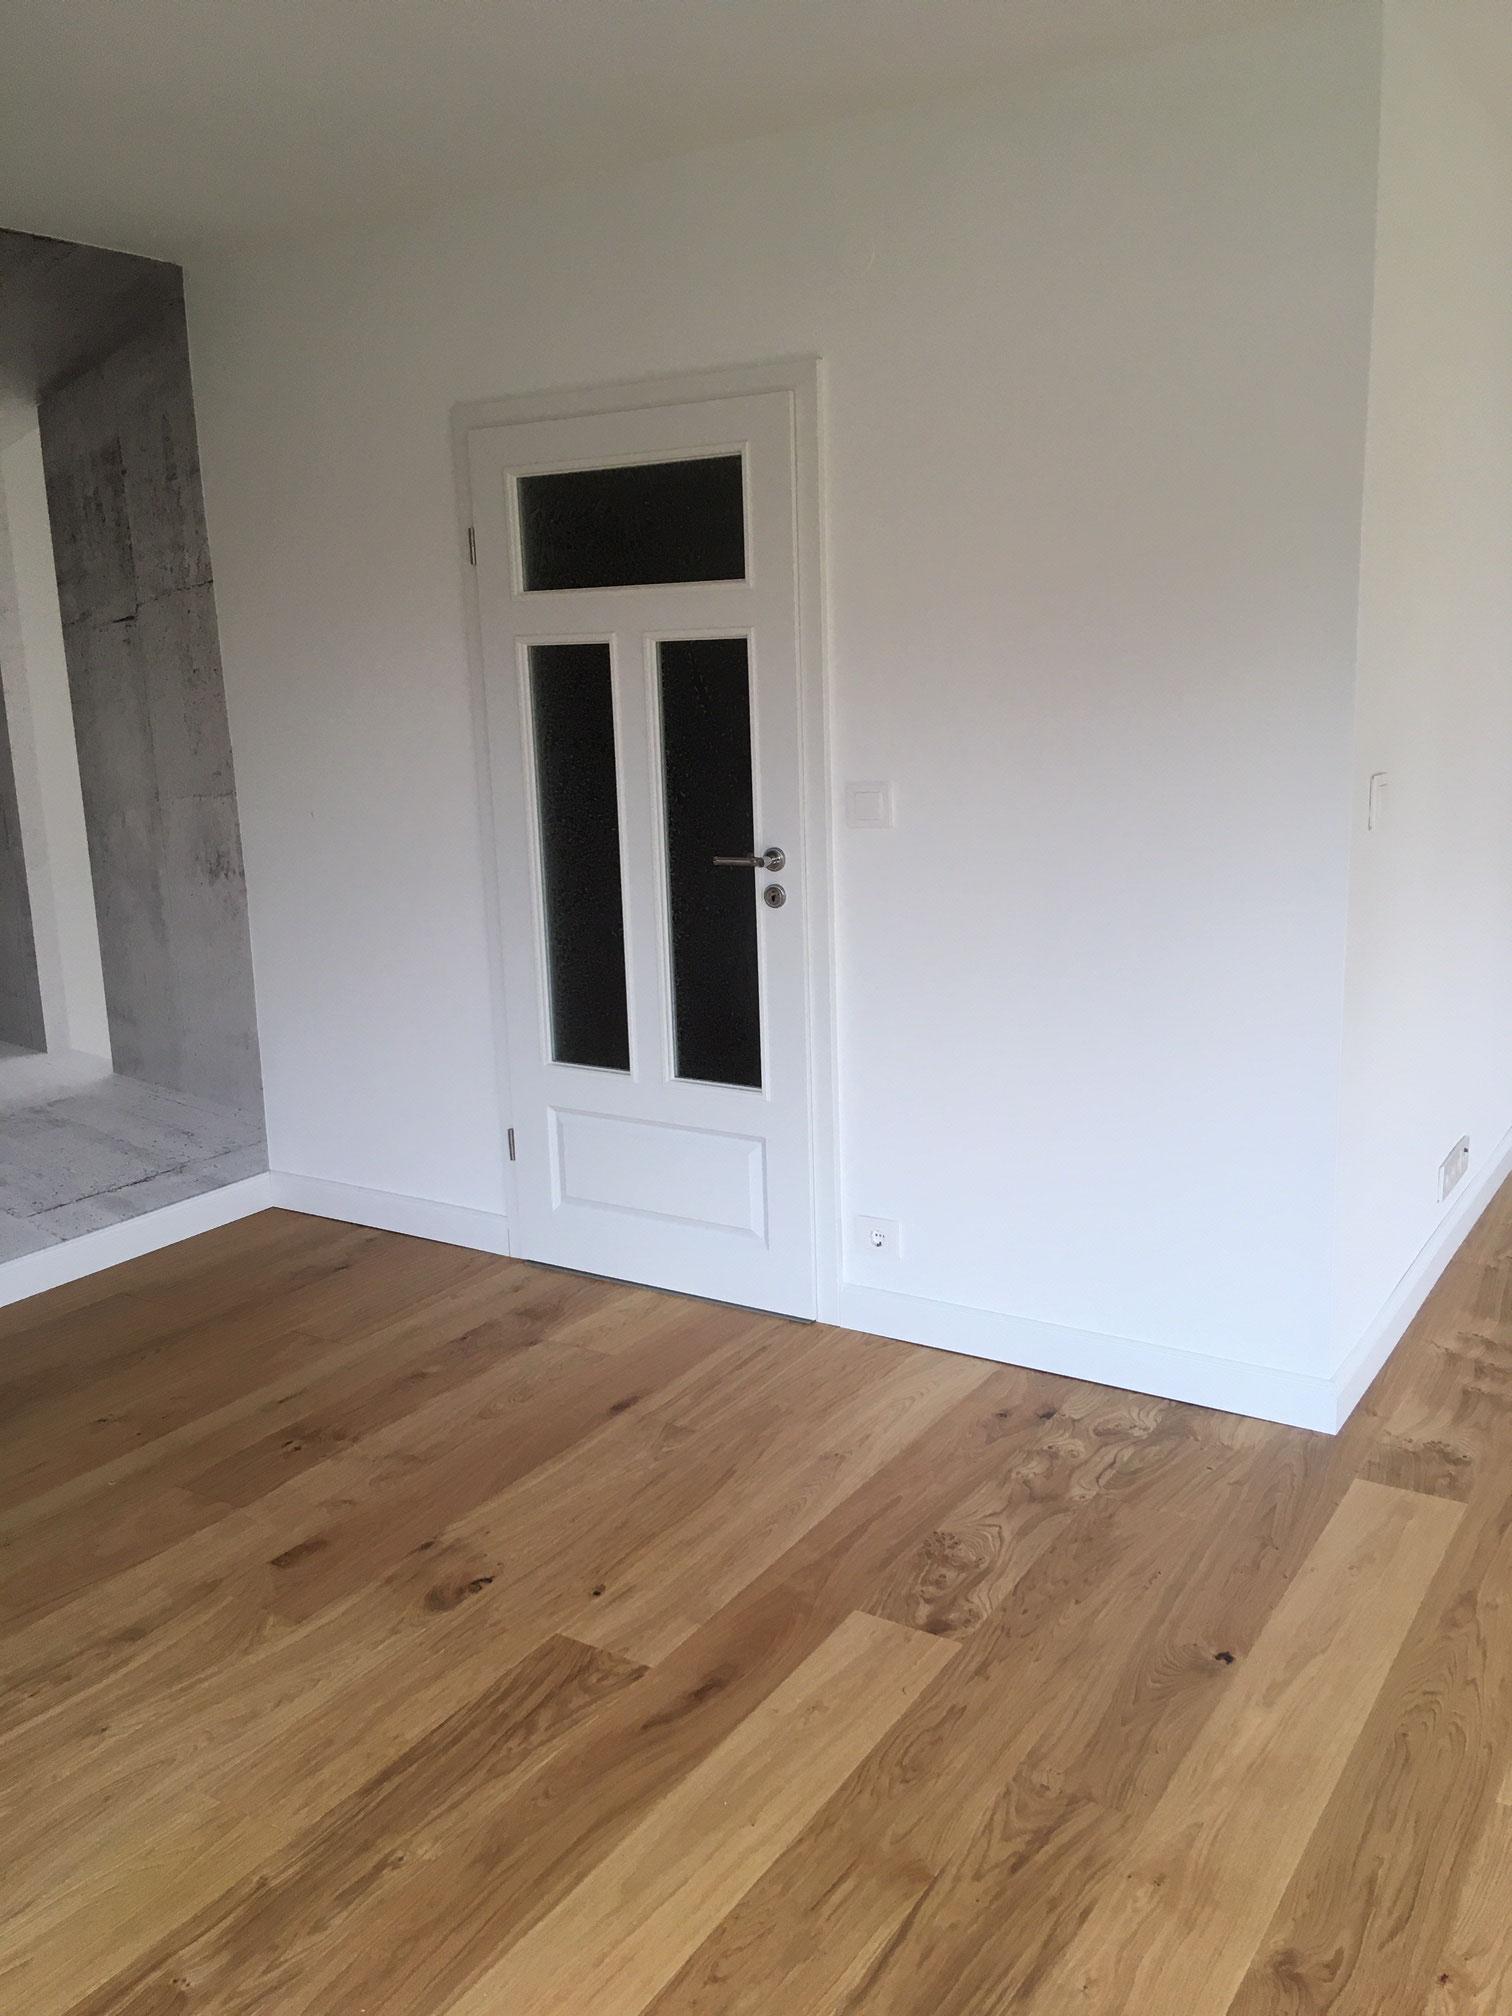 Fußboden in Eiche, Zimmertür